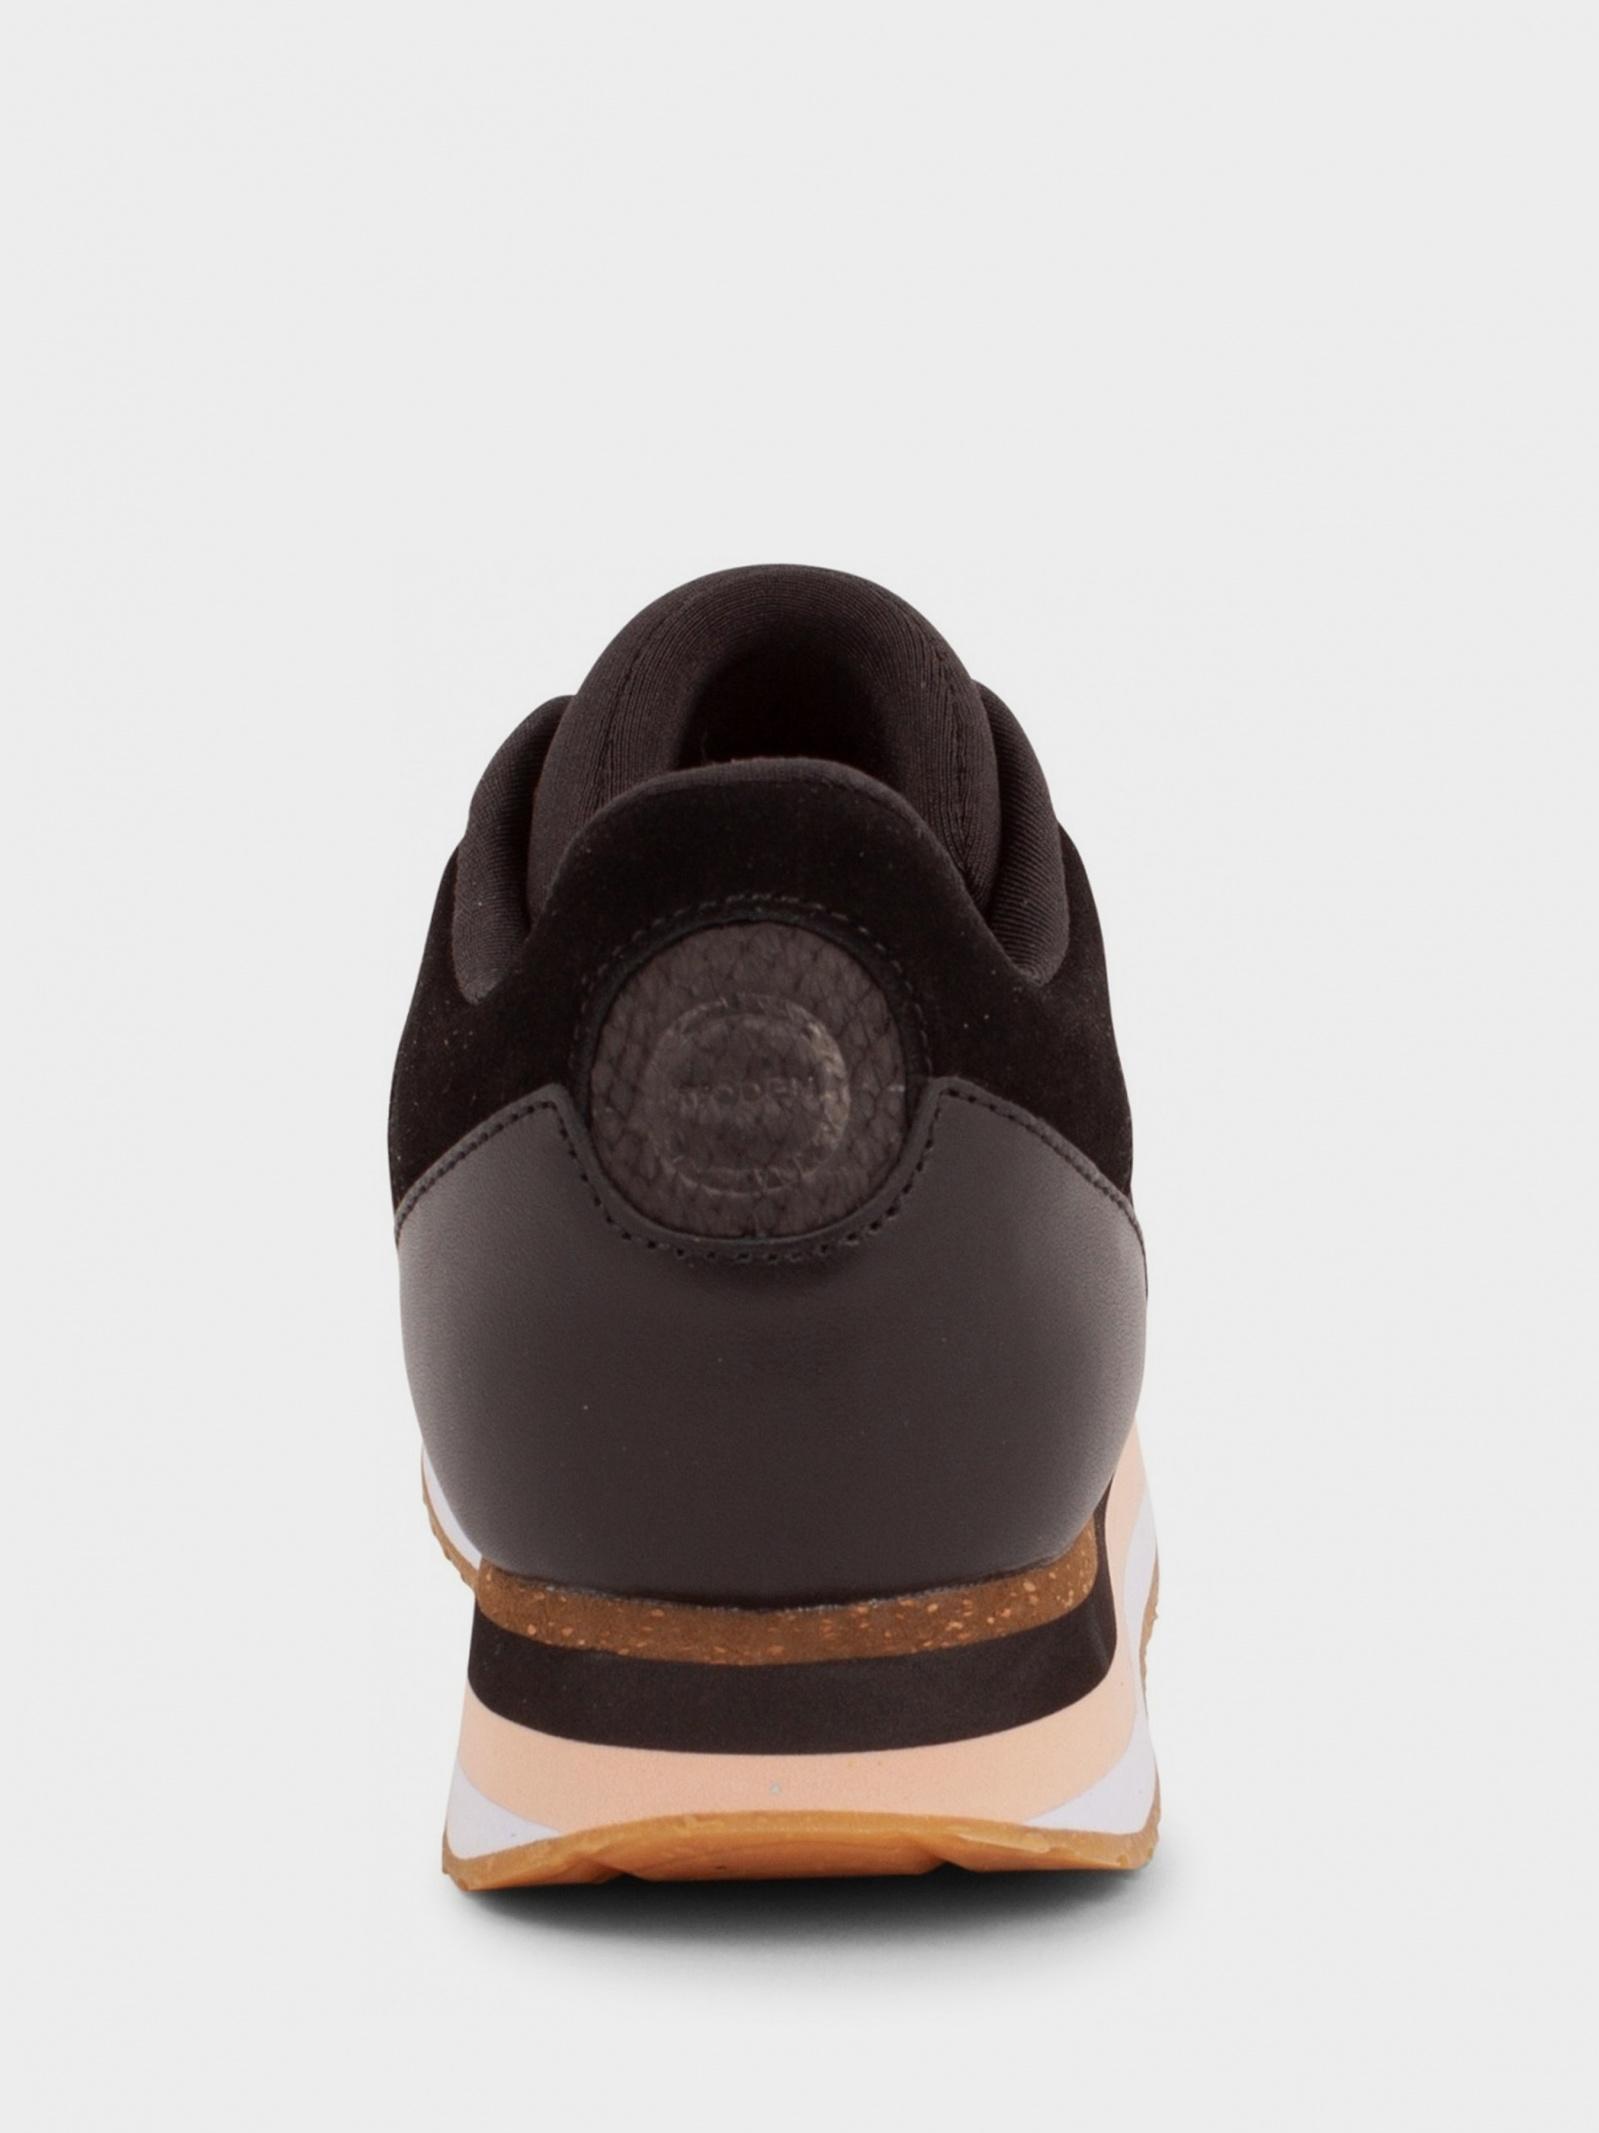 Кросівки  жіночі Woden Leonora WL130 020 замовити, 2017